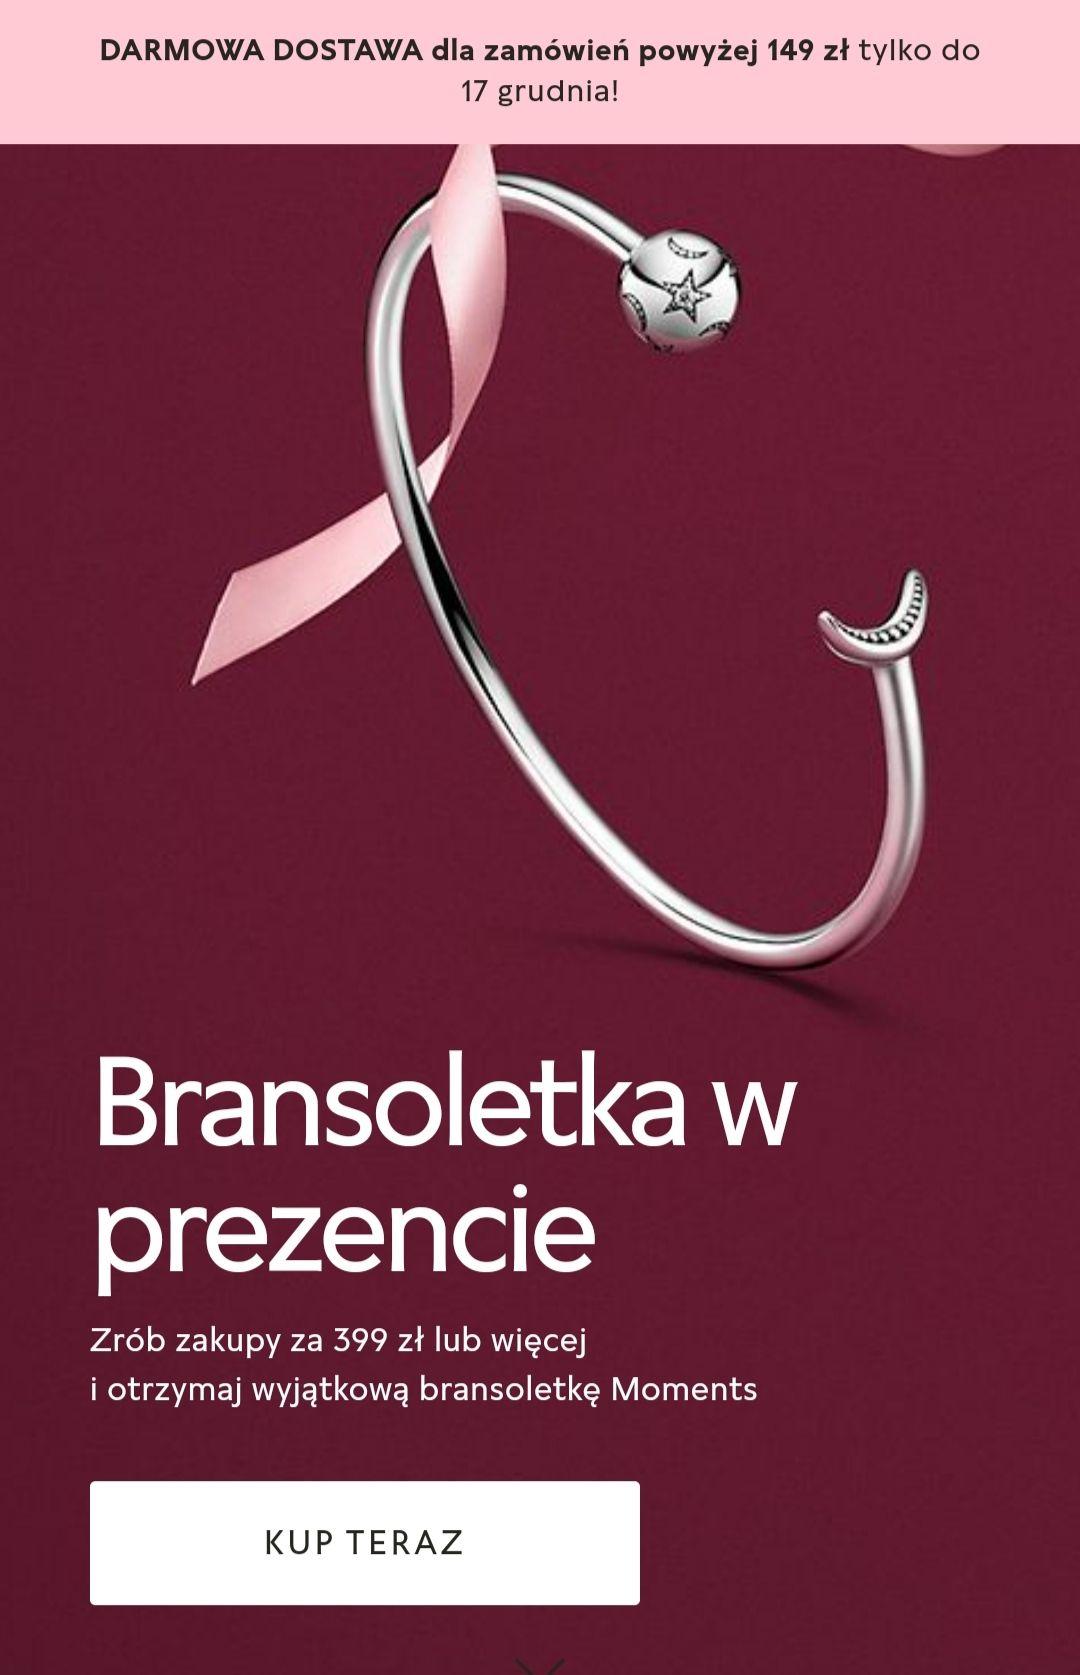 PANDORA Bransoletka MOMENTS w prezencie za 1 grosz MWZ 399 zł.